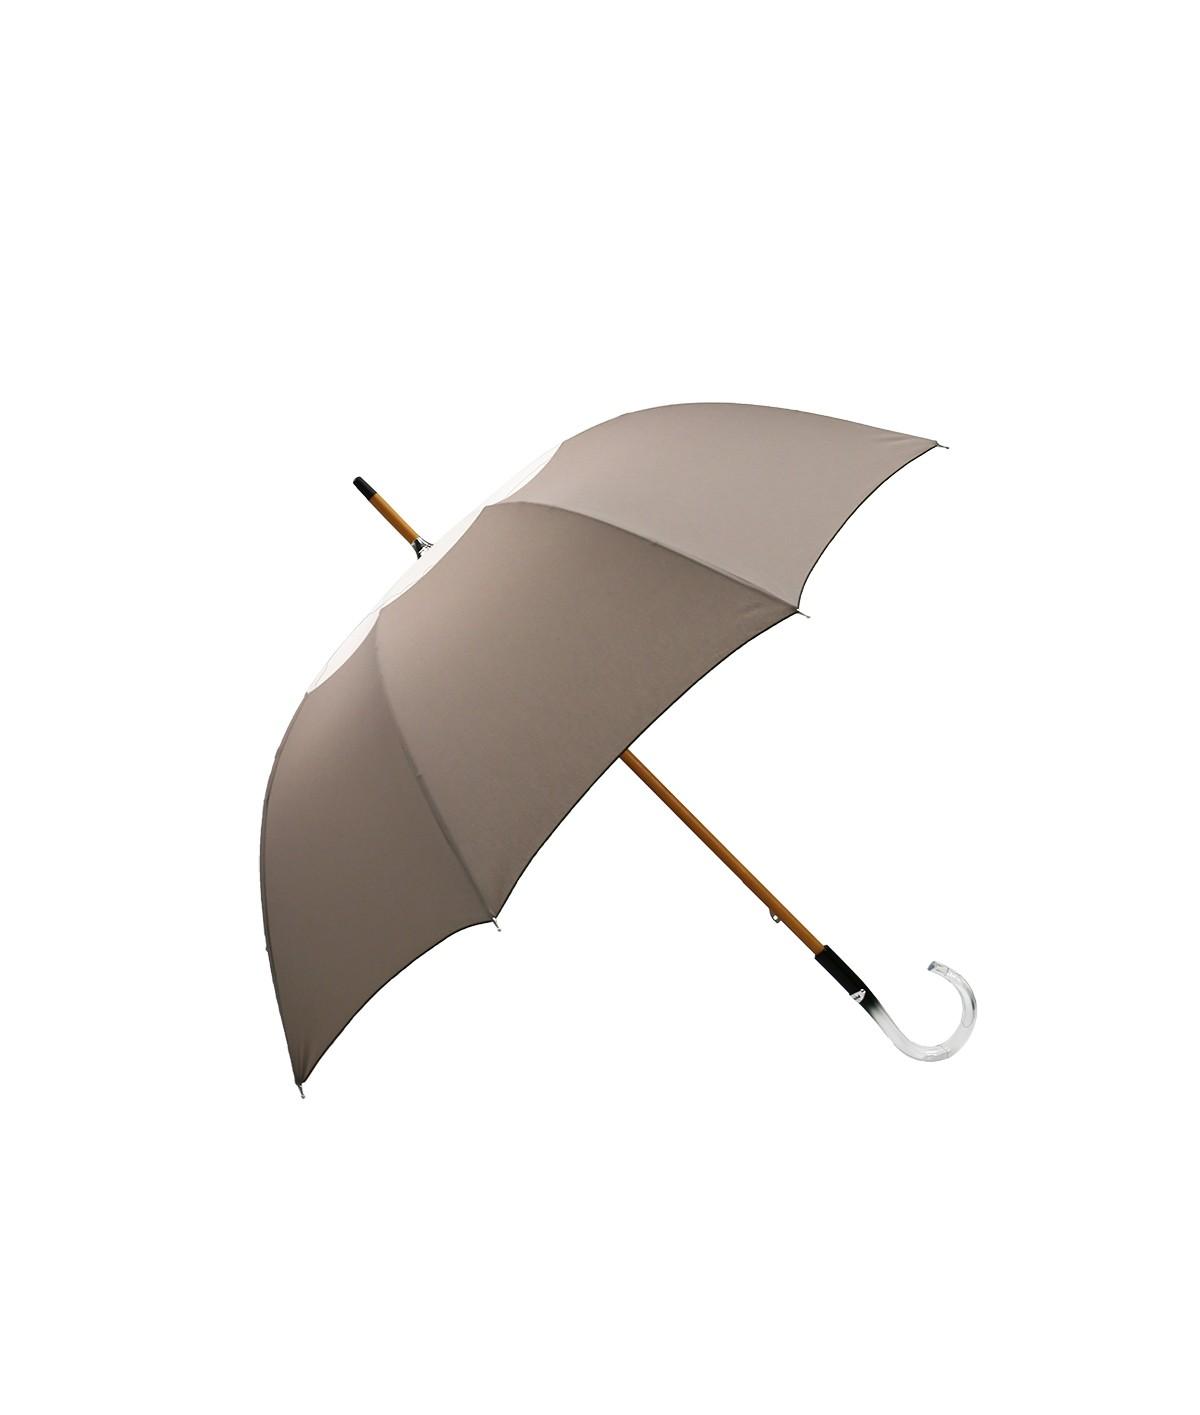 """→ Parapluie-Ombrelle - Série Limitée """"Les Bicolors"""" - Gris et Beige - Fabrication Made in France"""